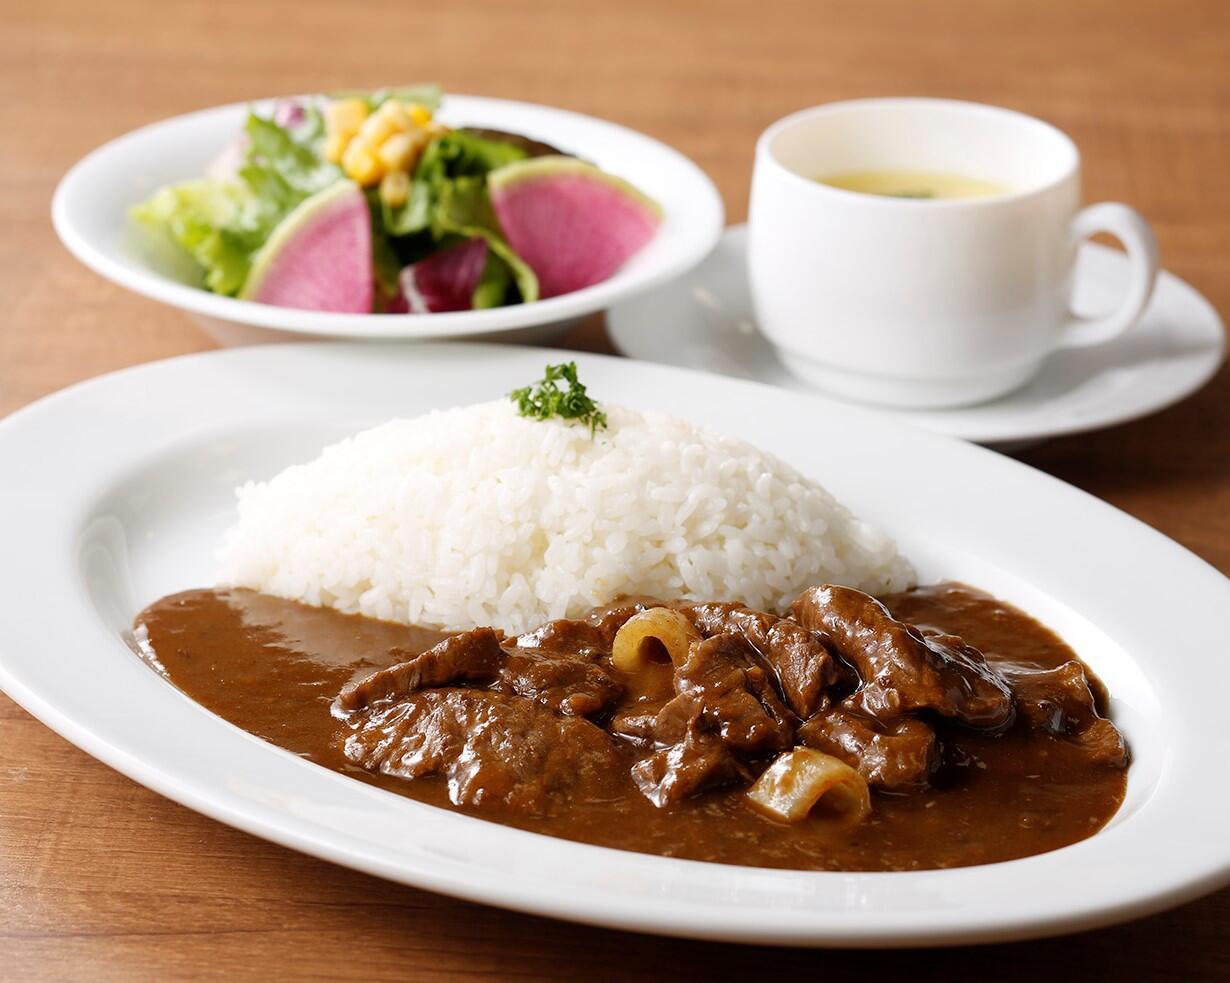 和牛のビーフカレー <スープ・サラダセット> サラダ/スープ付き